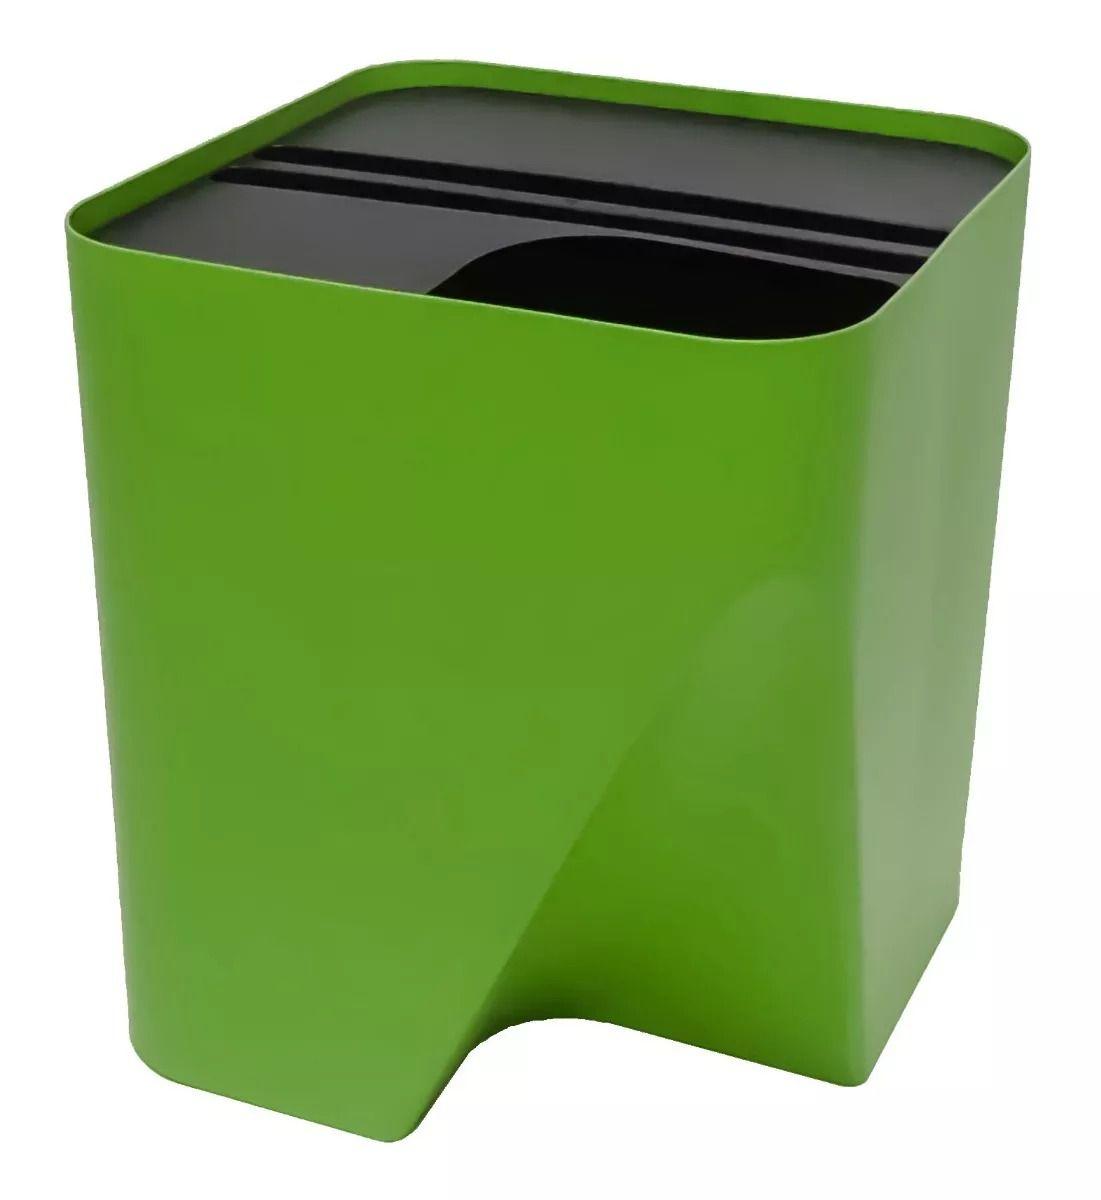 Lixeira Reciclagem Coleta Seletiva Empilhável 25 litros  - WebPlástico